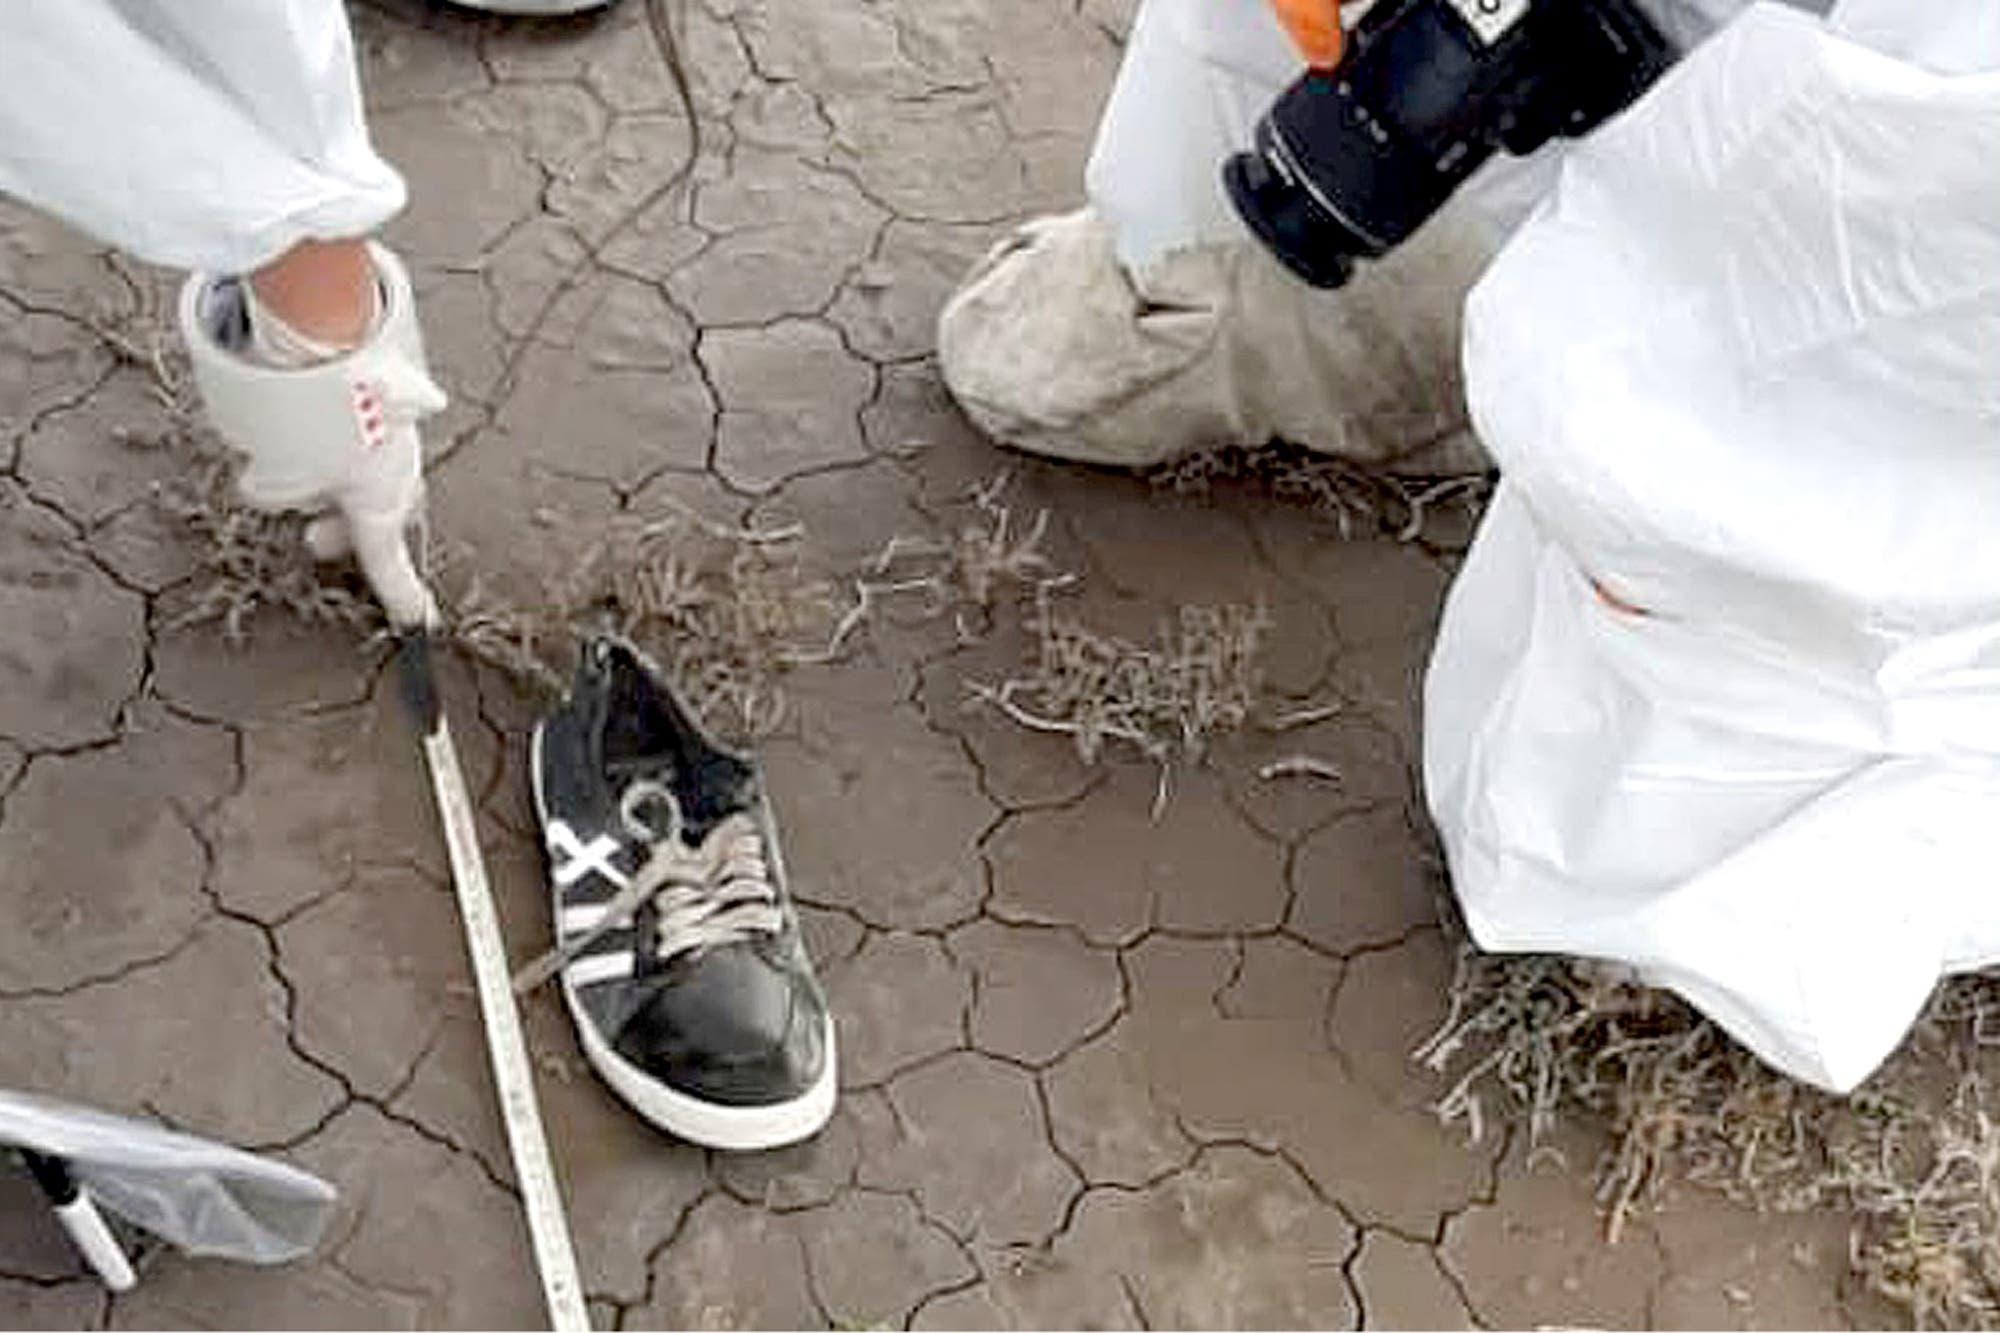 Facundo Astudillo Castro: la madre del joven reconoció una zapatilla a metros del cuerpo encontrado